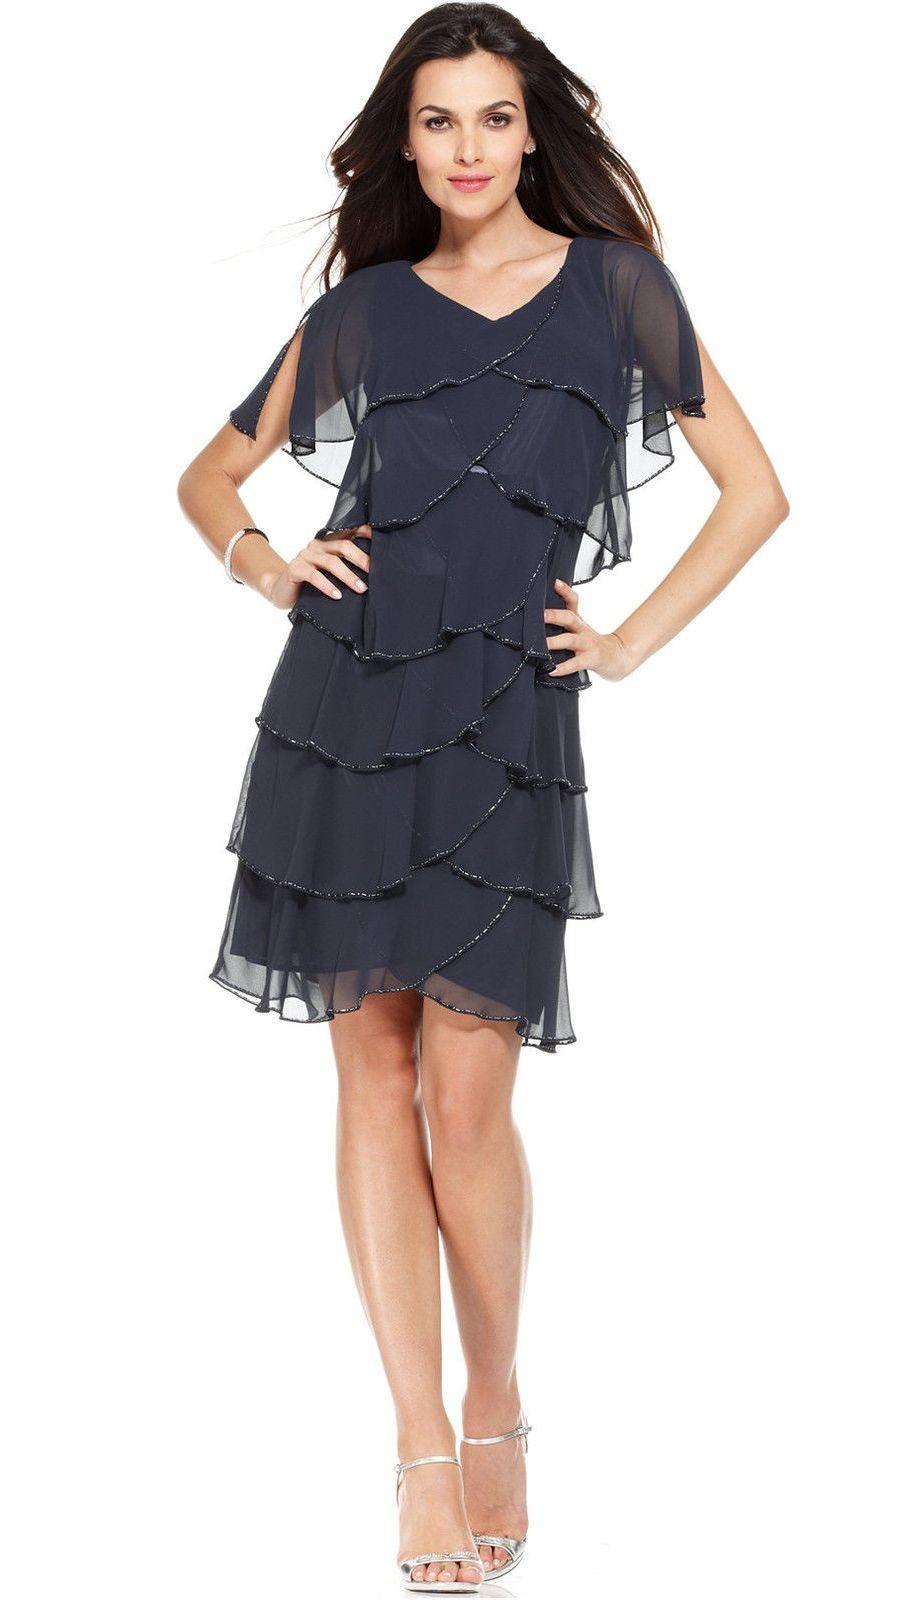 вечерние платья на новый год: многоярусное черное шифоновое